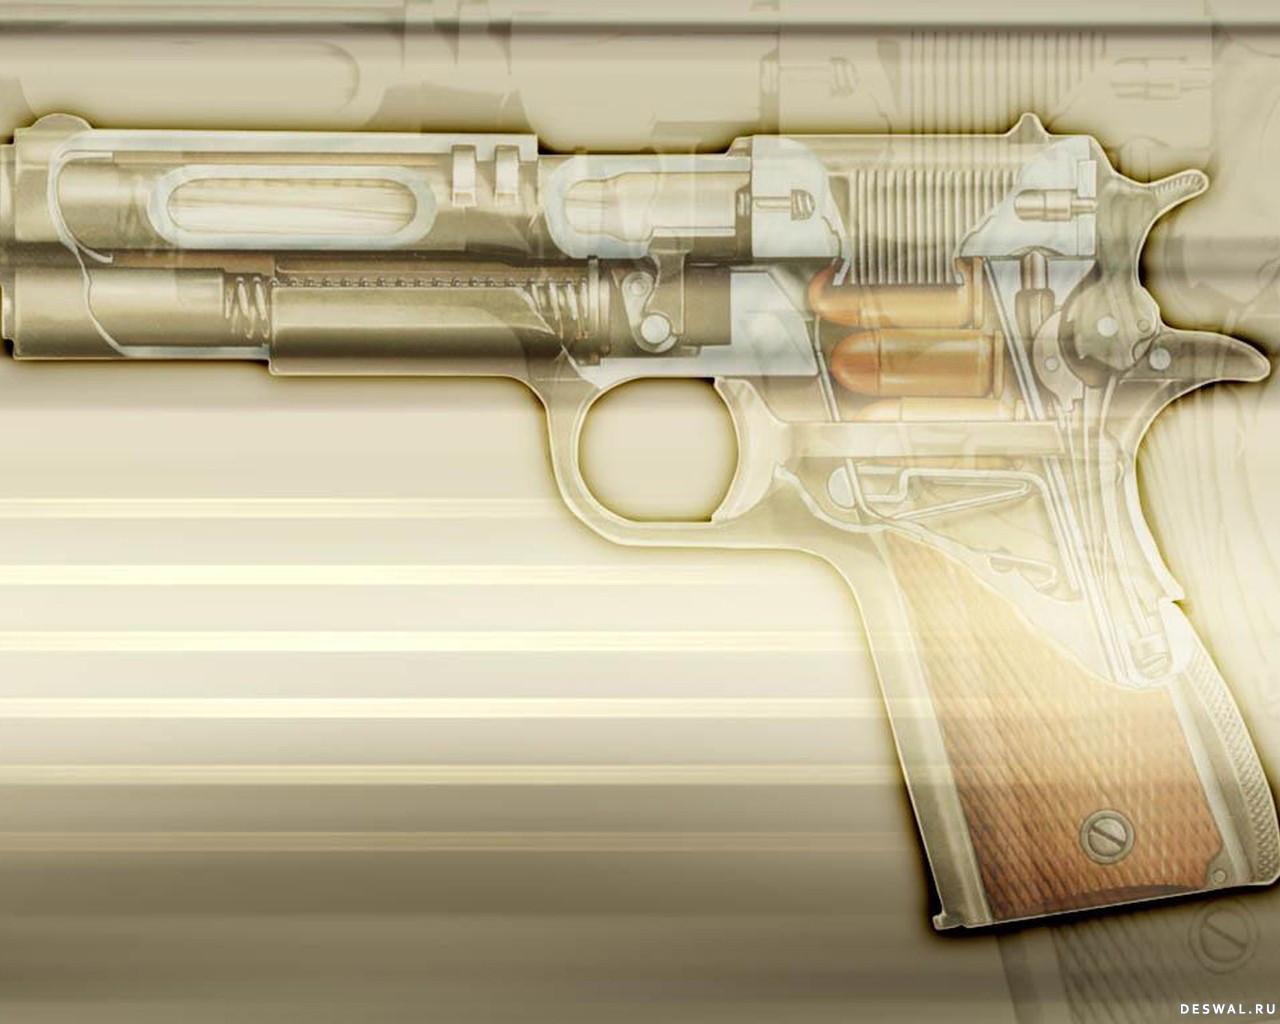 Фото 22. Нажмите на картинку с обоями оружия, чтобы просмотреть ее в реальном размере